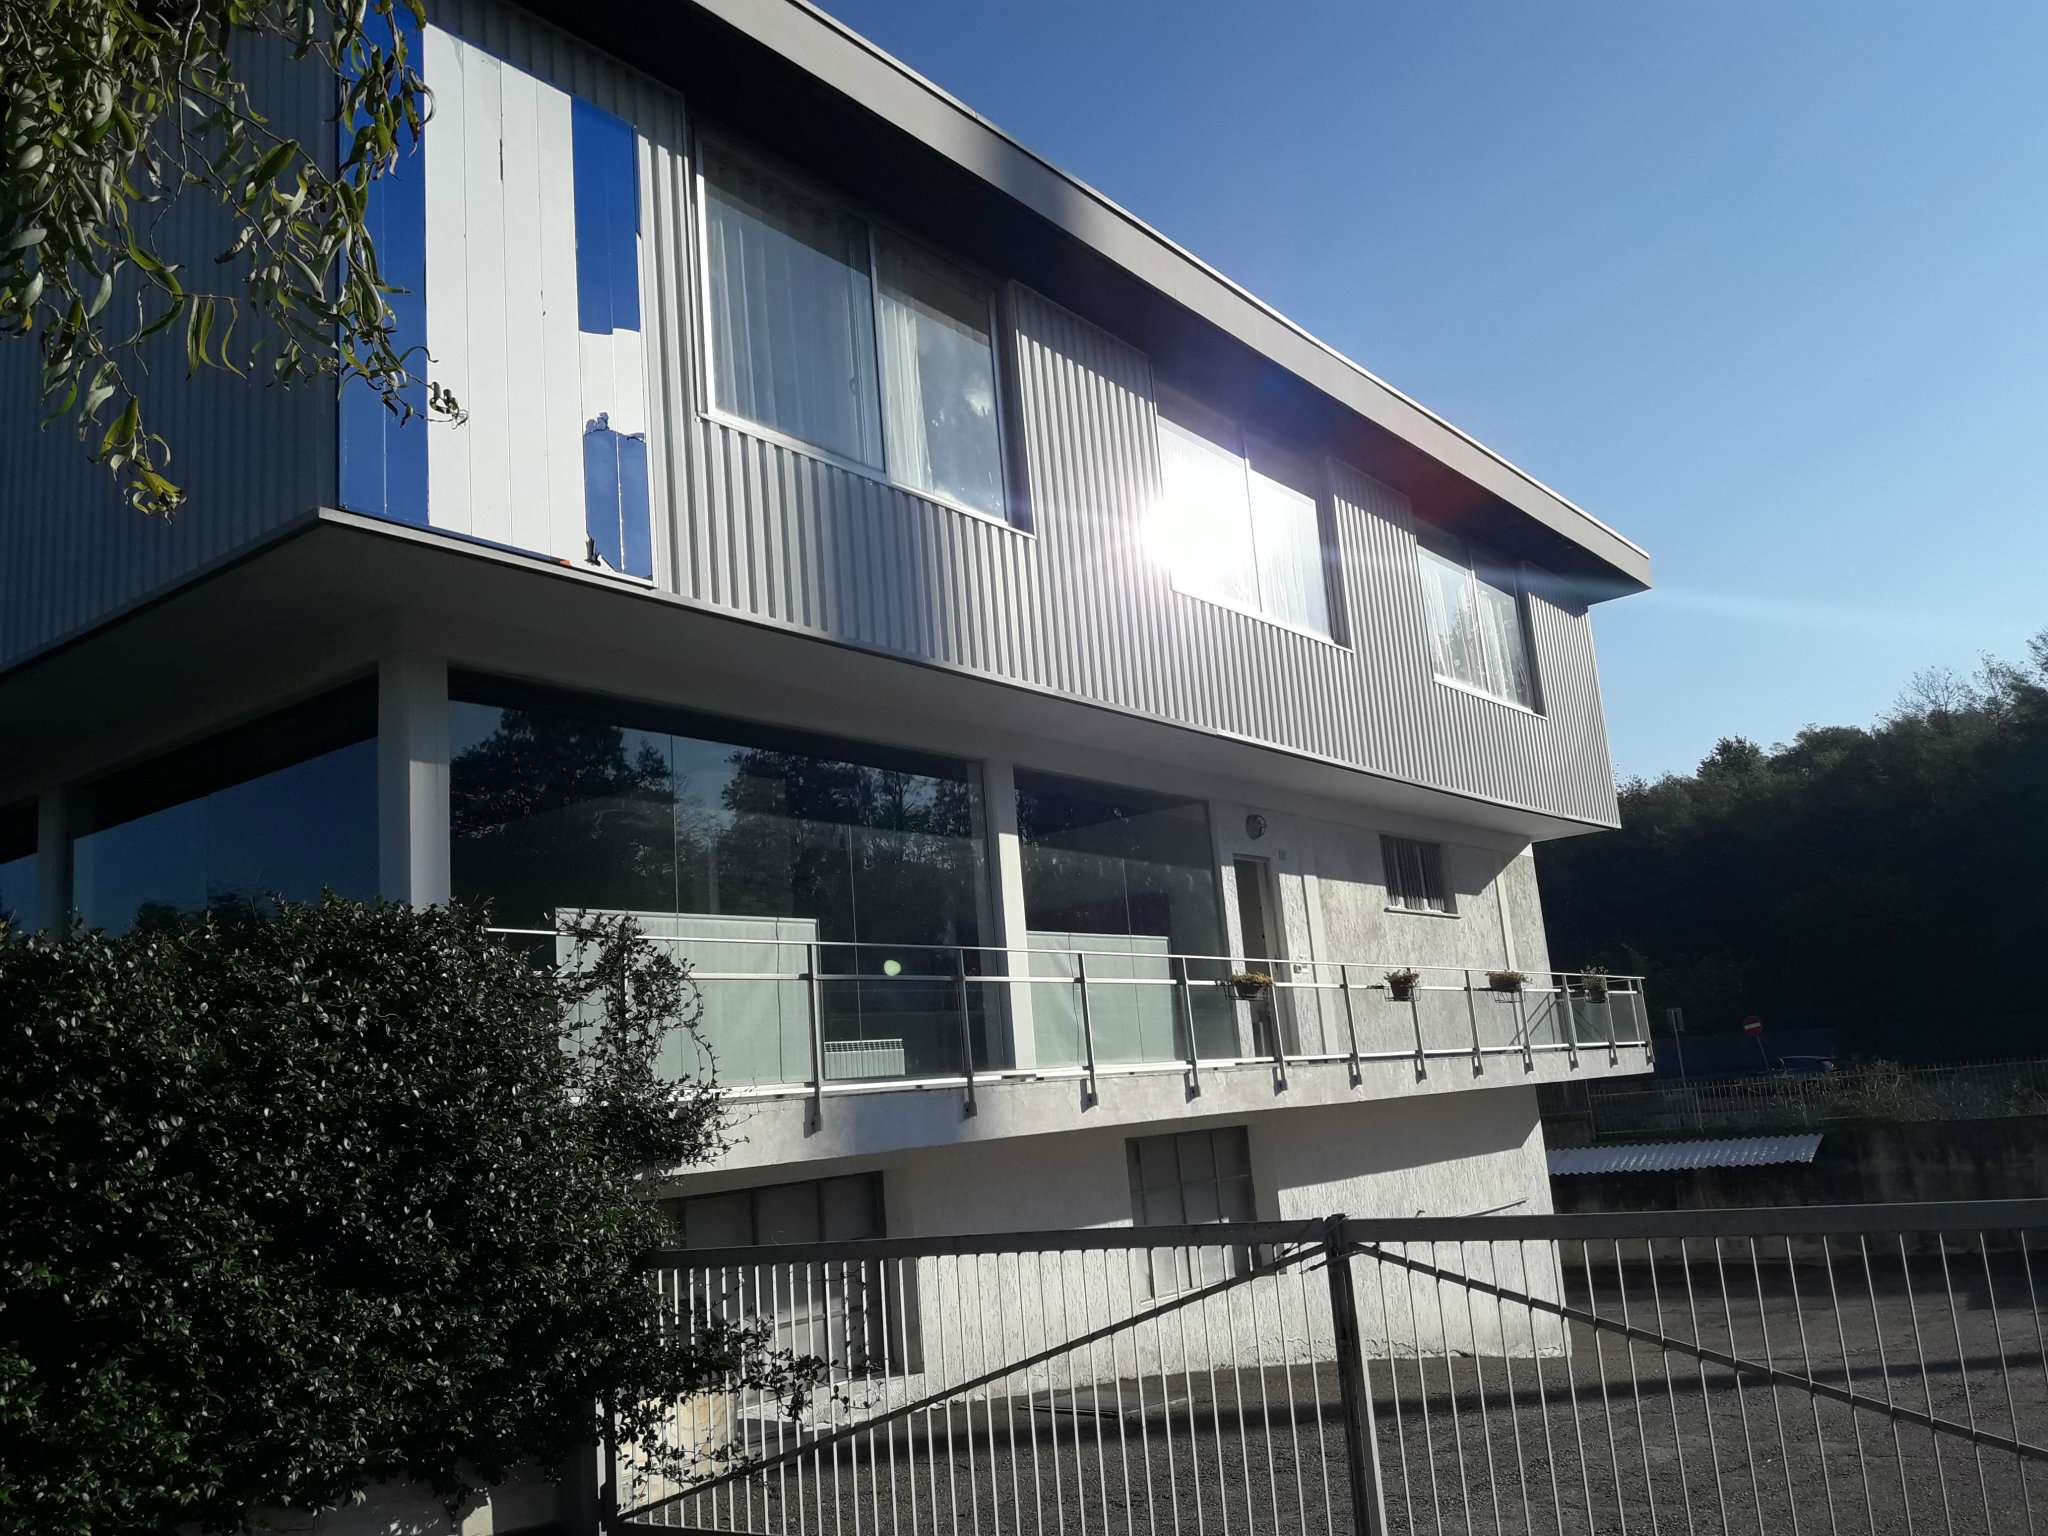 Negozio / Locale in vendita a Olgiate Comasco, 10 locali, prezzo € 1.500.000 | CambioCasa.it